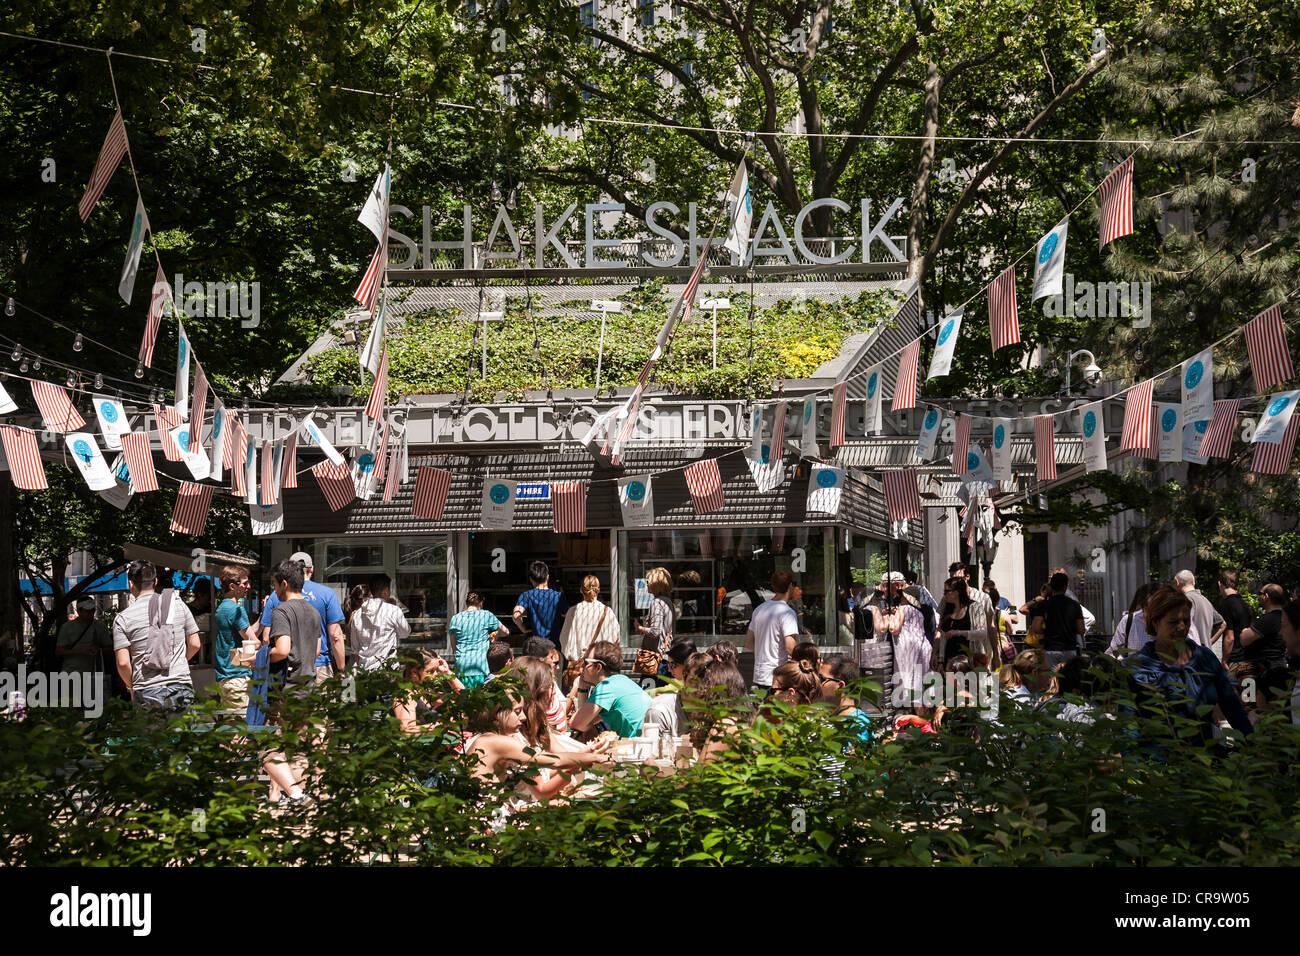 The Shake Shack, Madison Square Park, NYC Stock Photo